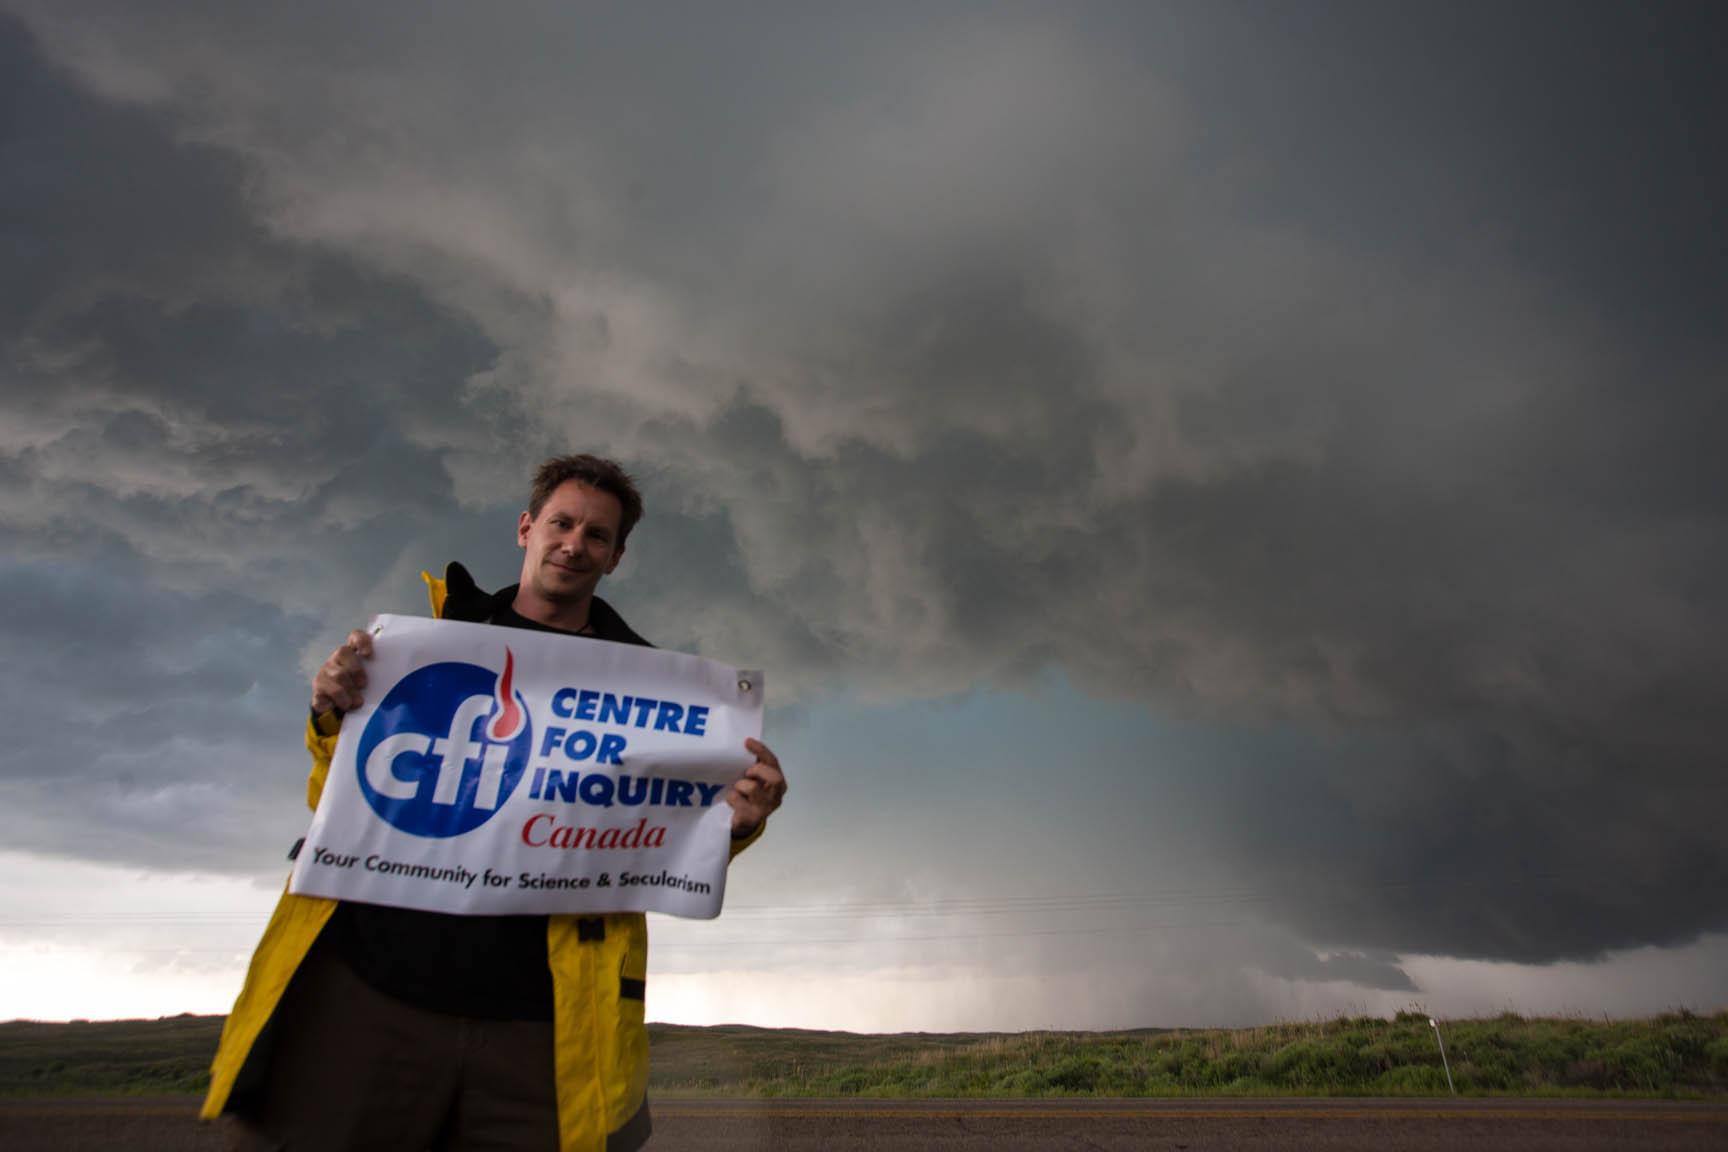 CFIC_Tornado_Alley